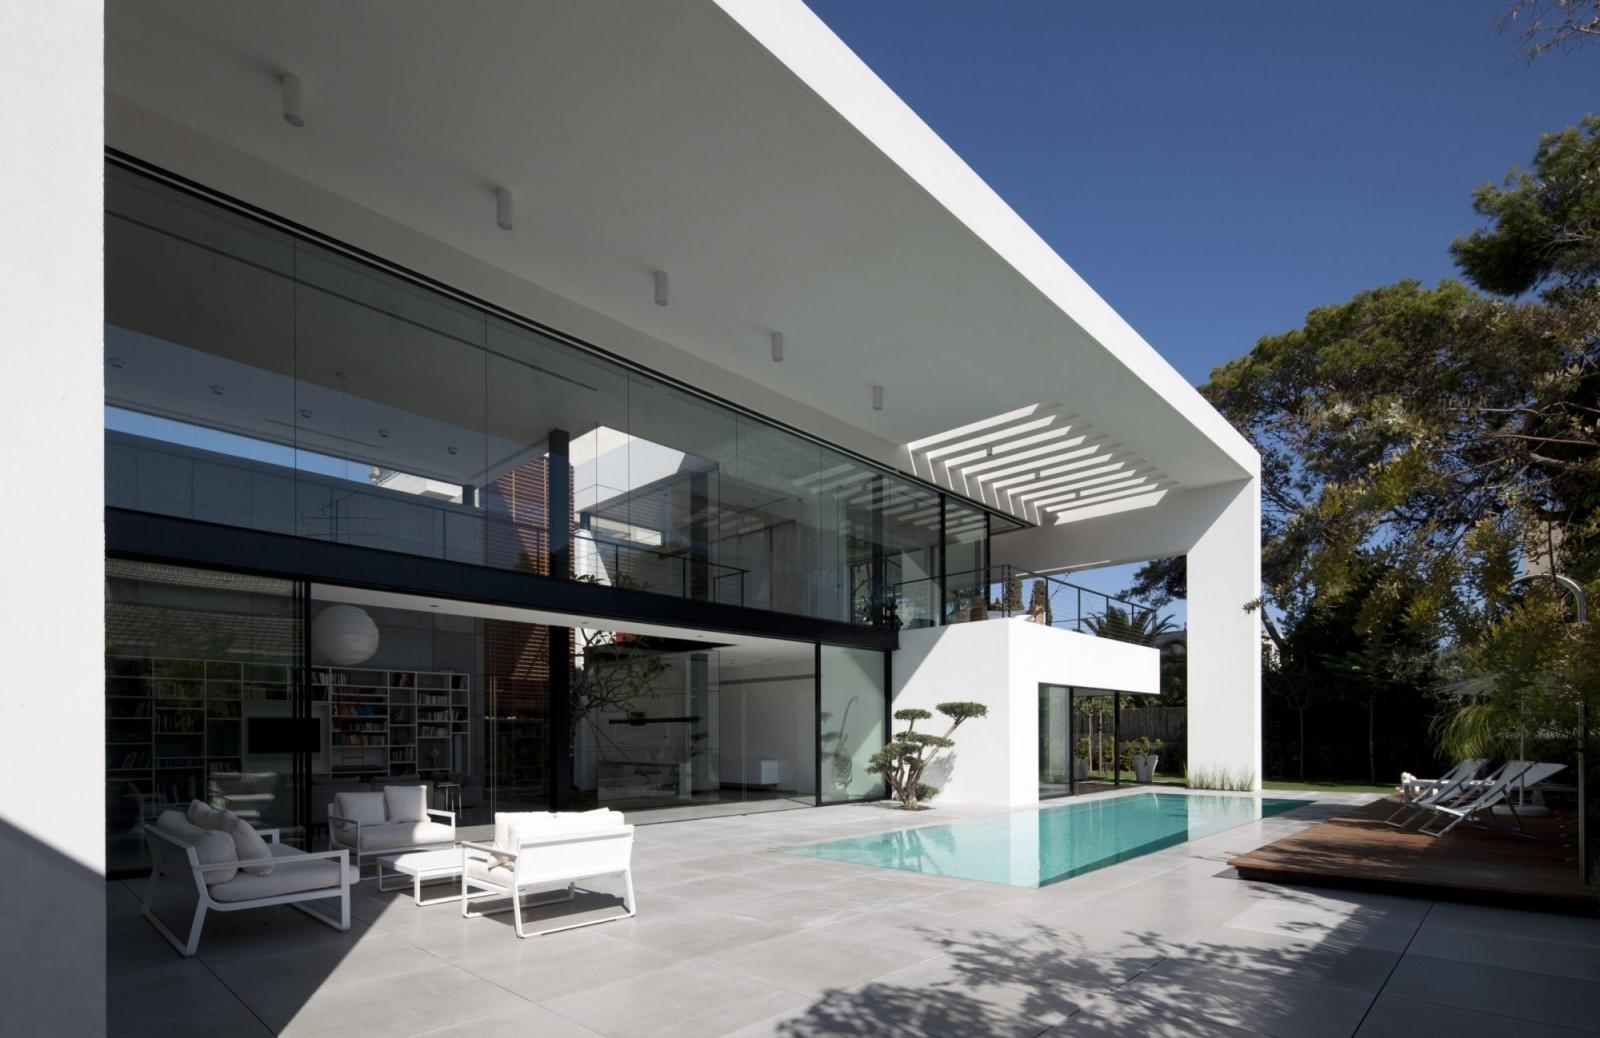 Cabinet D Architectes Pour Construction De Maison Contemporaine Rhone Alpes Concept Creation